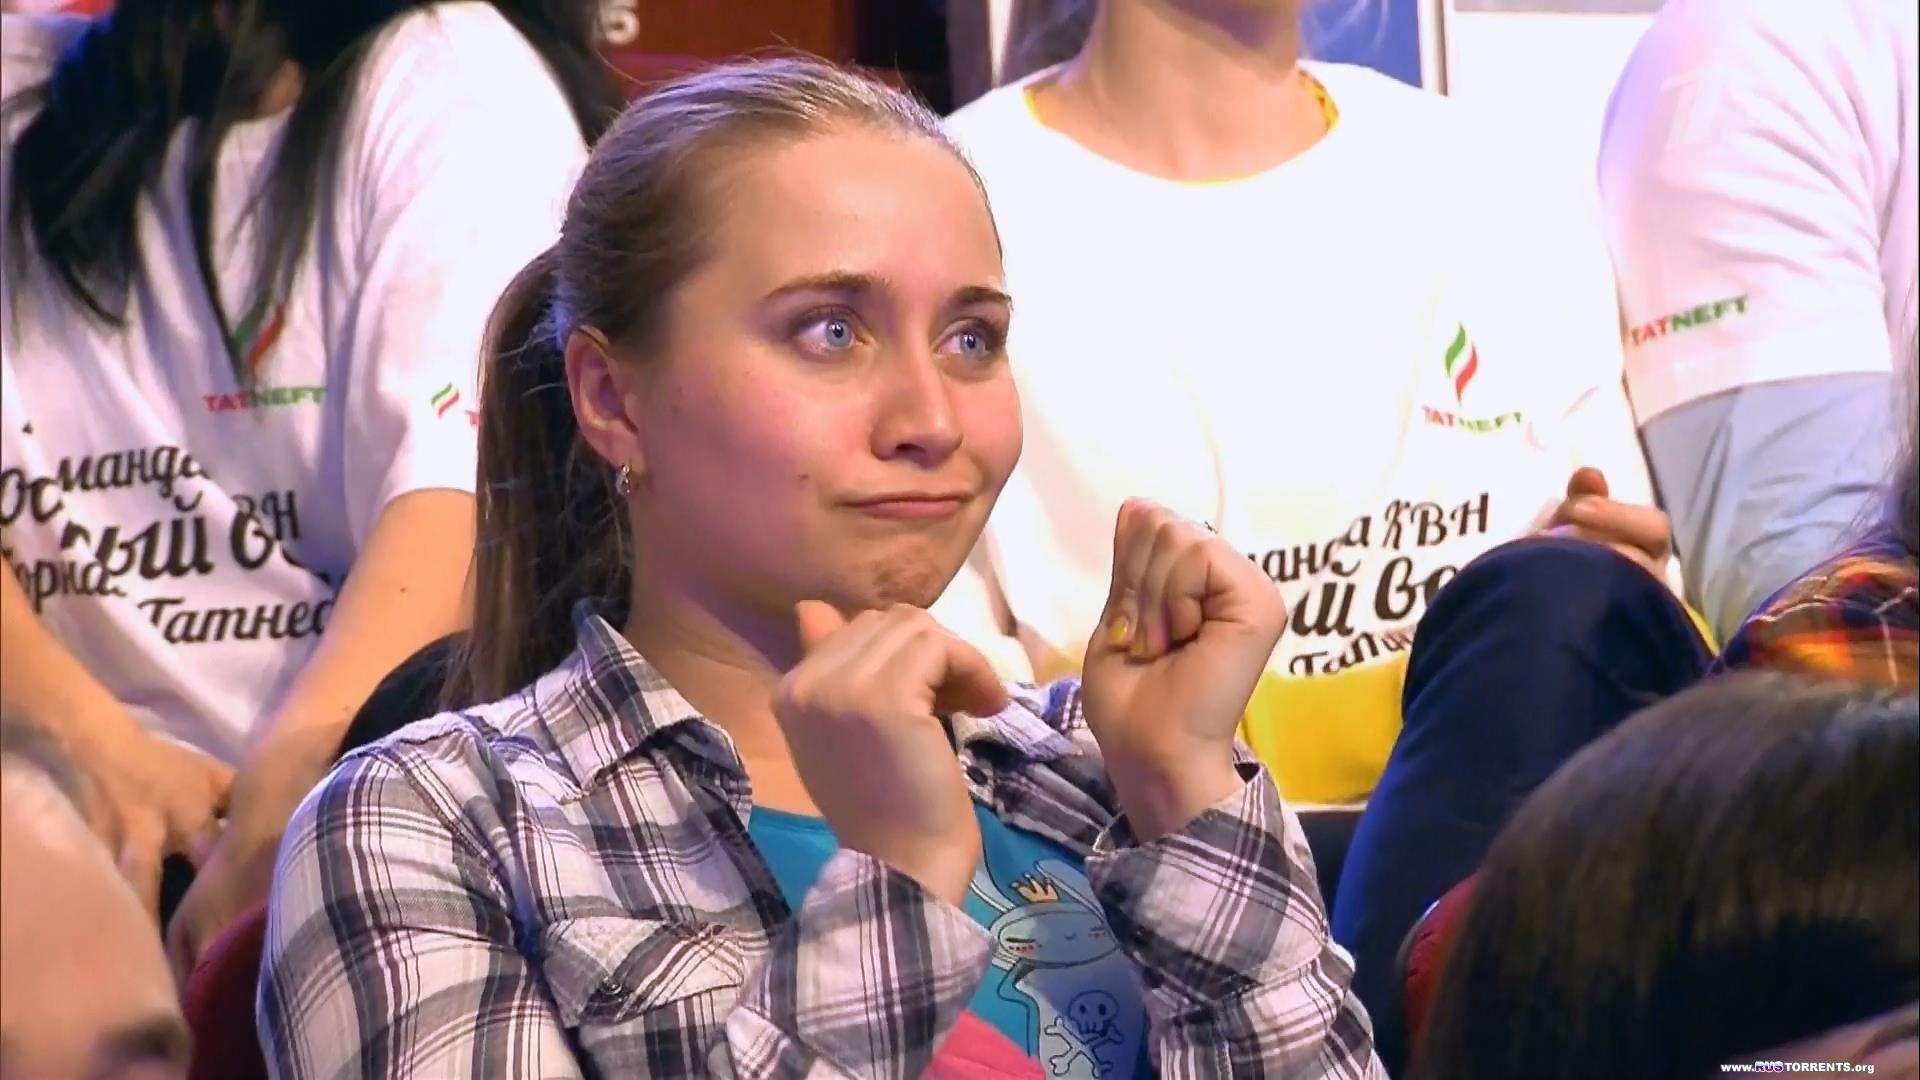 КВН. Премьер-лига. Третия игра [02.08] | HDTV 1080i